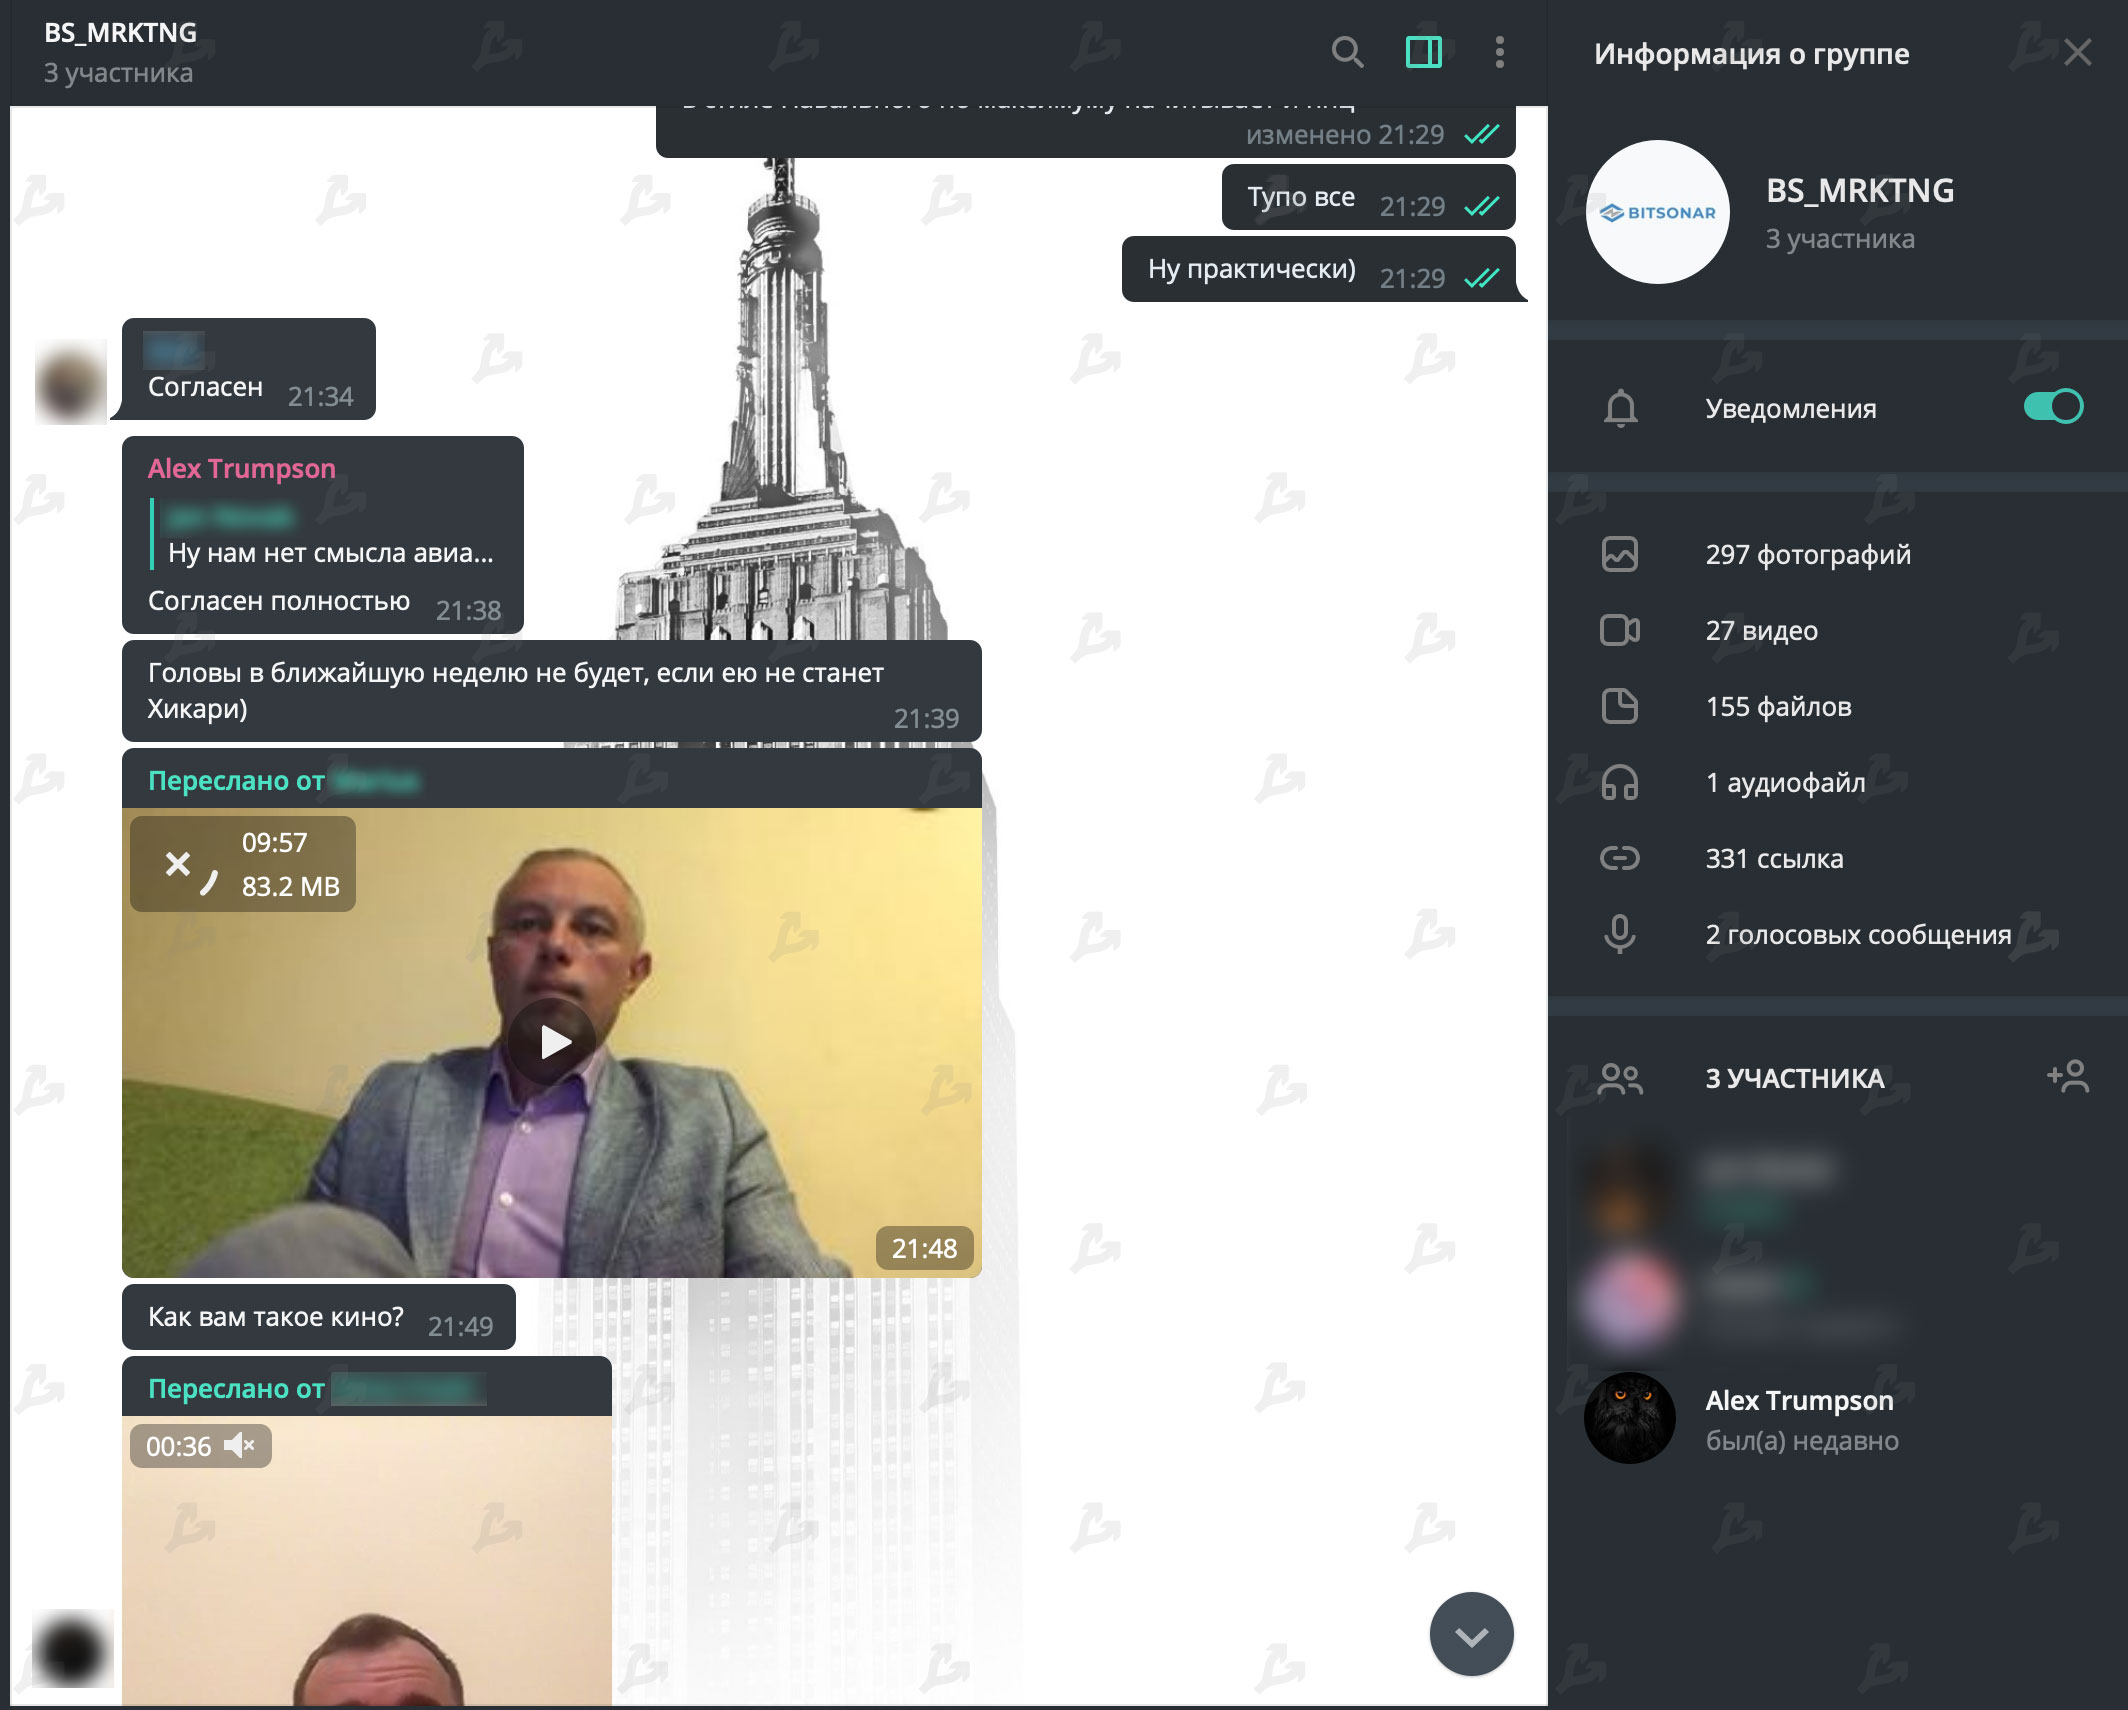 Экзит-скам Bitsonar: как бывший украинский чиновник построил пирамиду, выдавая ее за инвестфонд